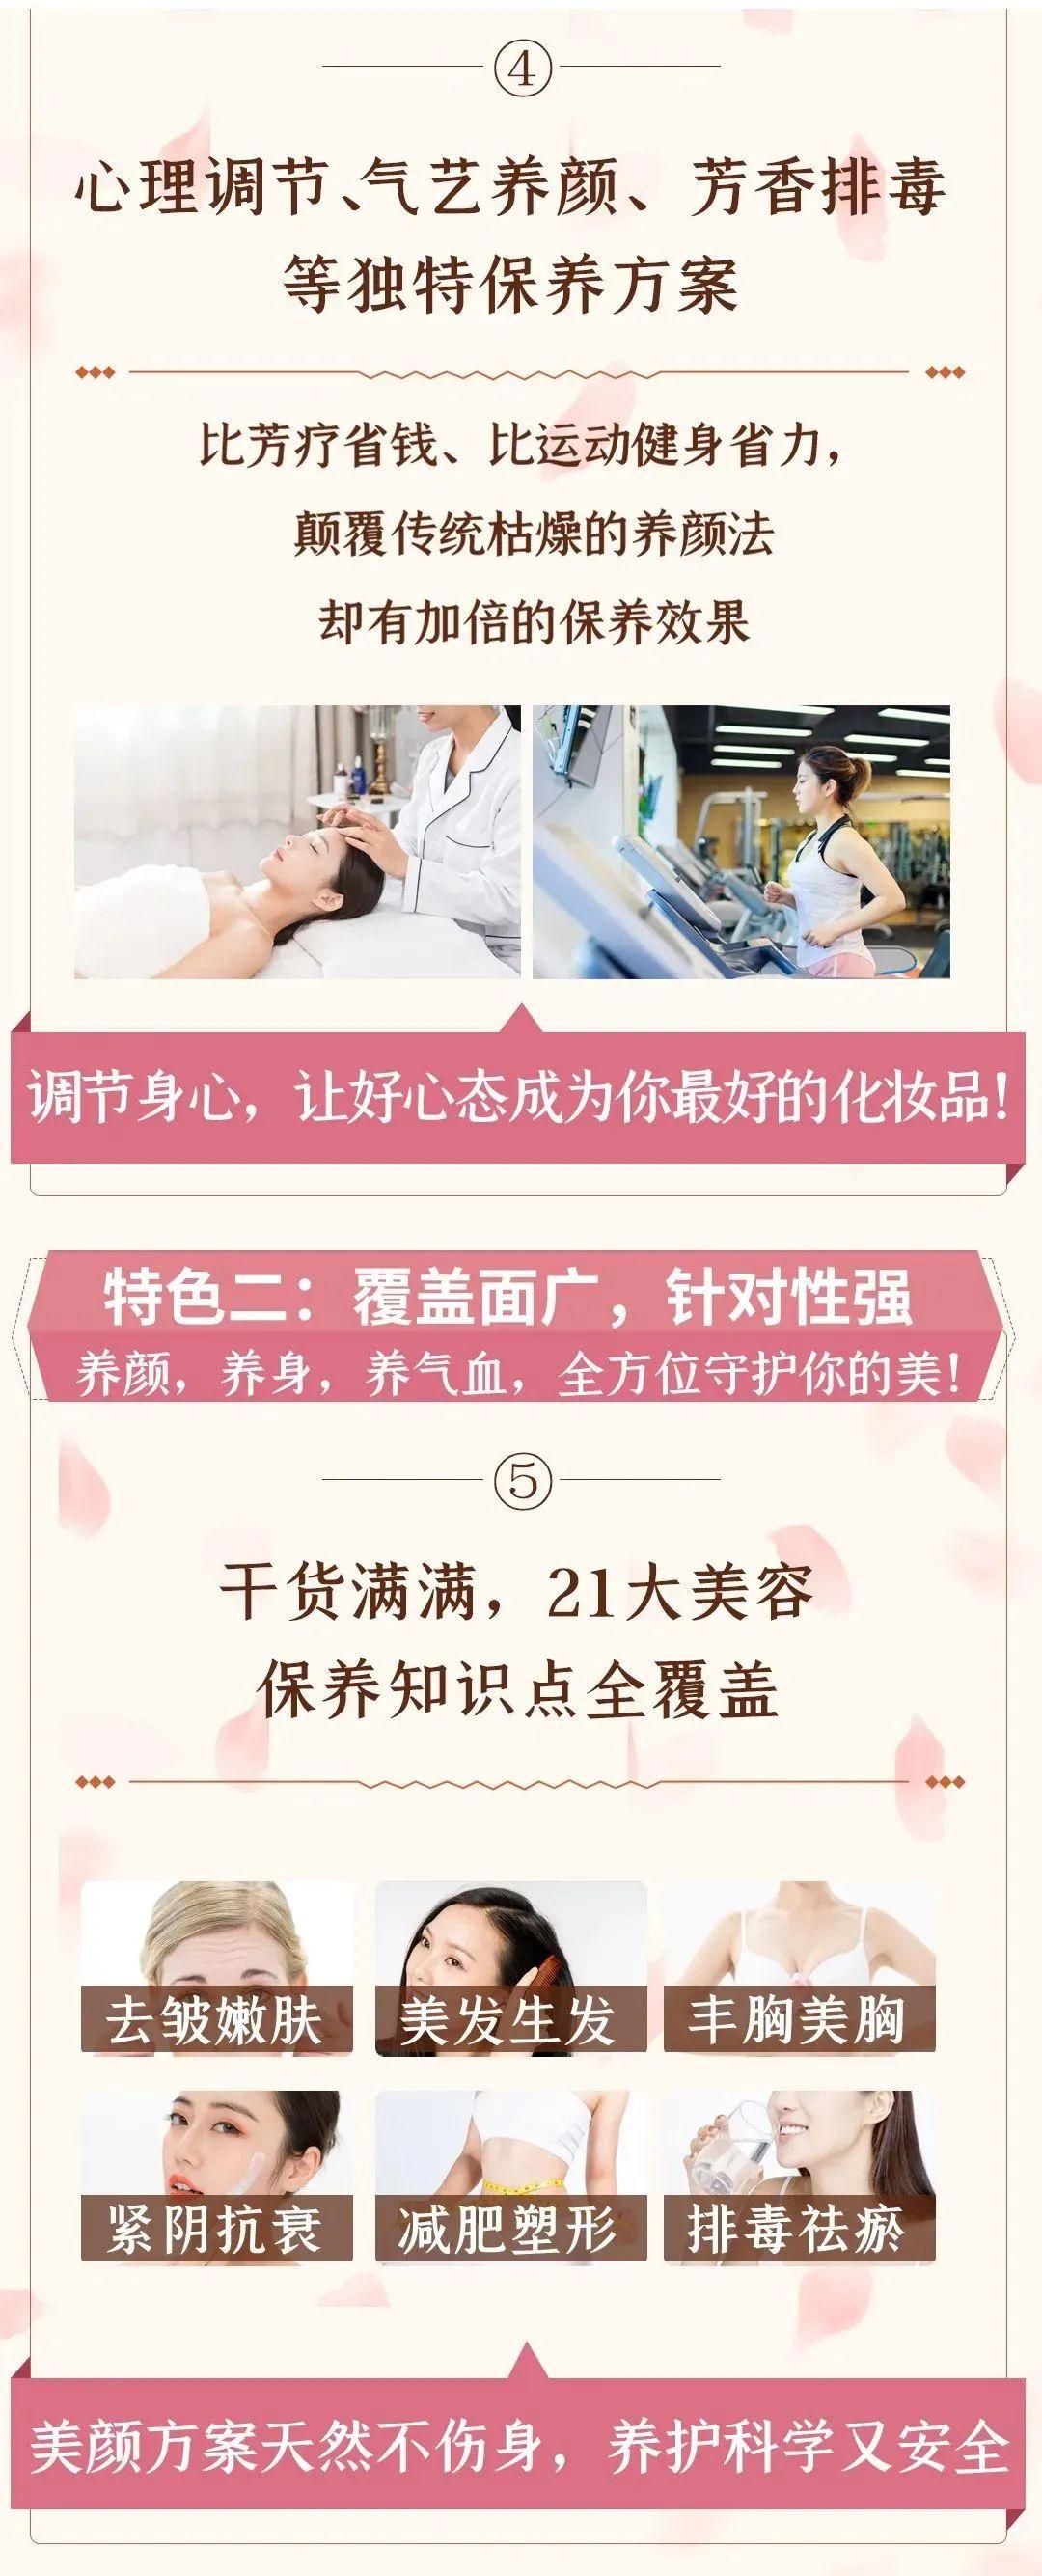 女性中医养颜养生术:每天15分钟,重获健康自信的美!-第60张图片-爱课啦